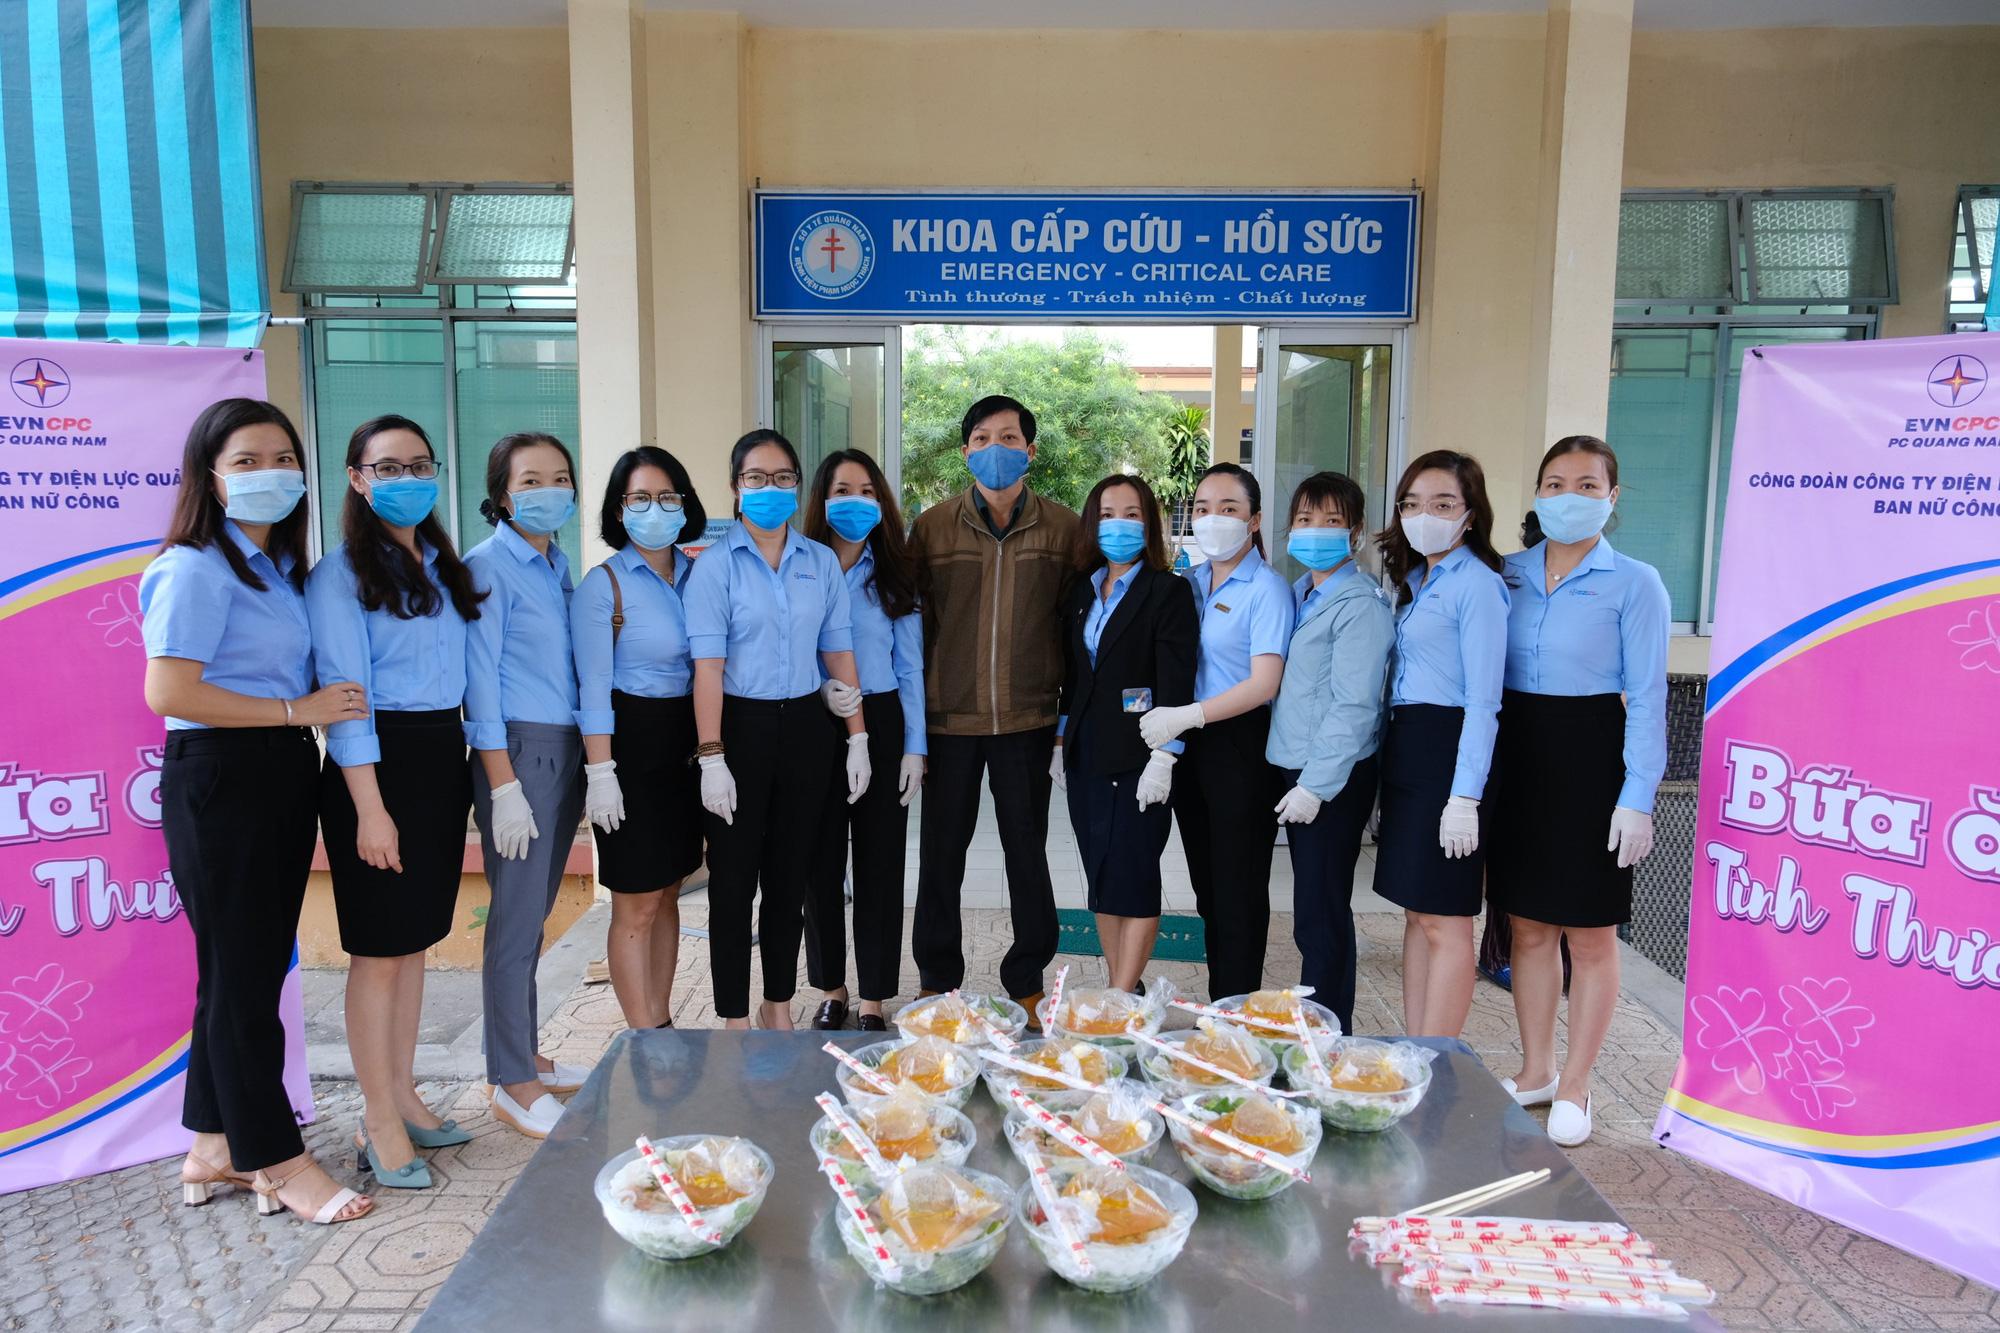 Quảng Nam: Công ty Điện lực trao 250 suất ăn cho bệnh nhân nghèo nhân ngày kỷ niệm phụ nữ 8/3 - Ảnh 1.